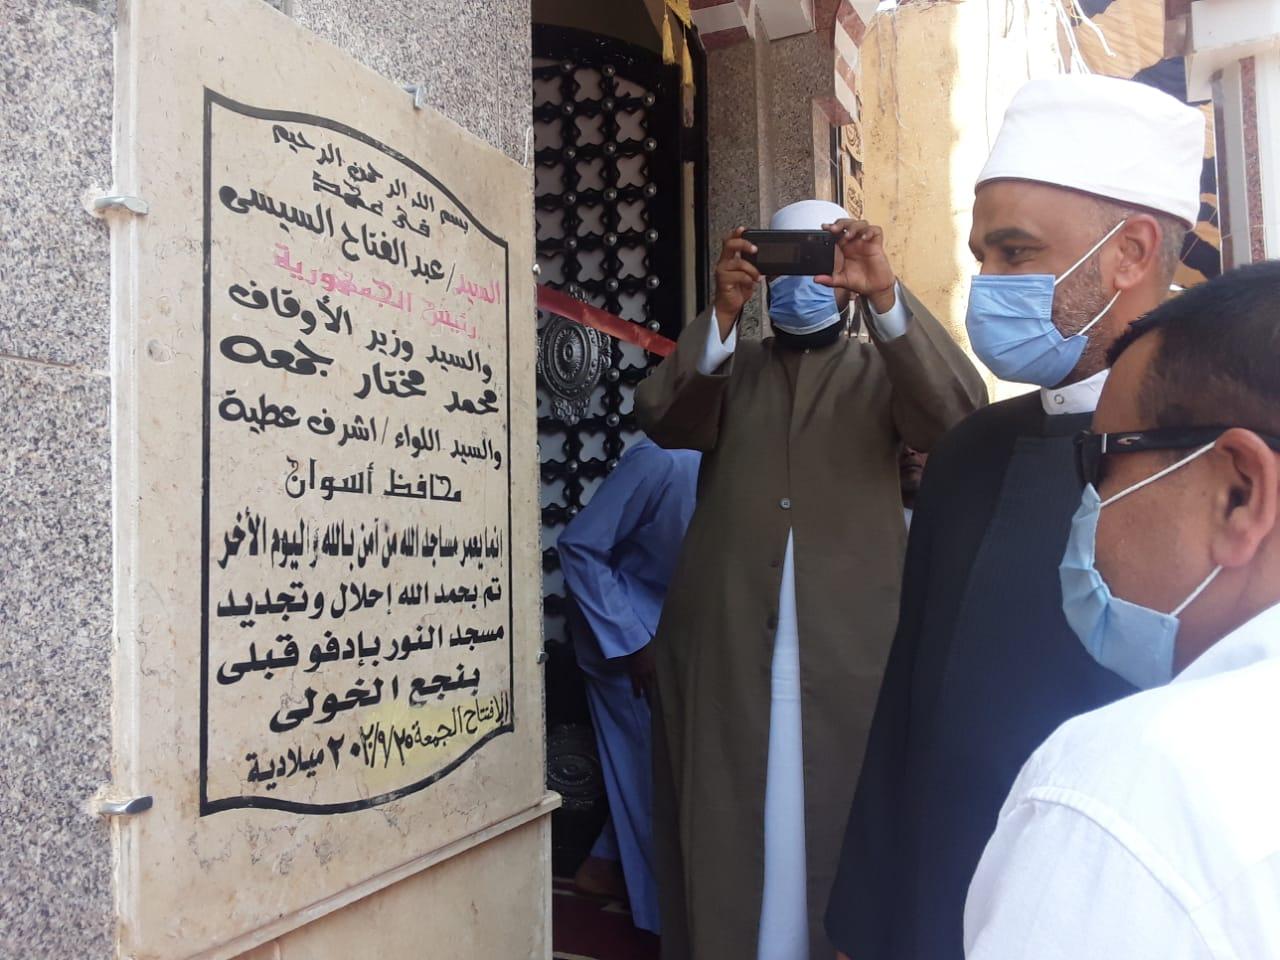 افتتاح 3 مساجد جديدة بمحافظة أسوان (3)